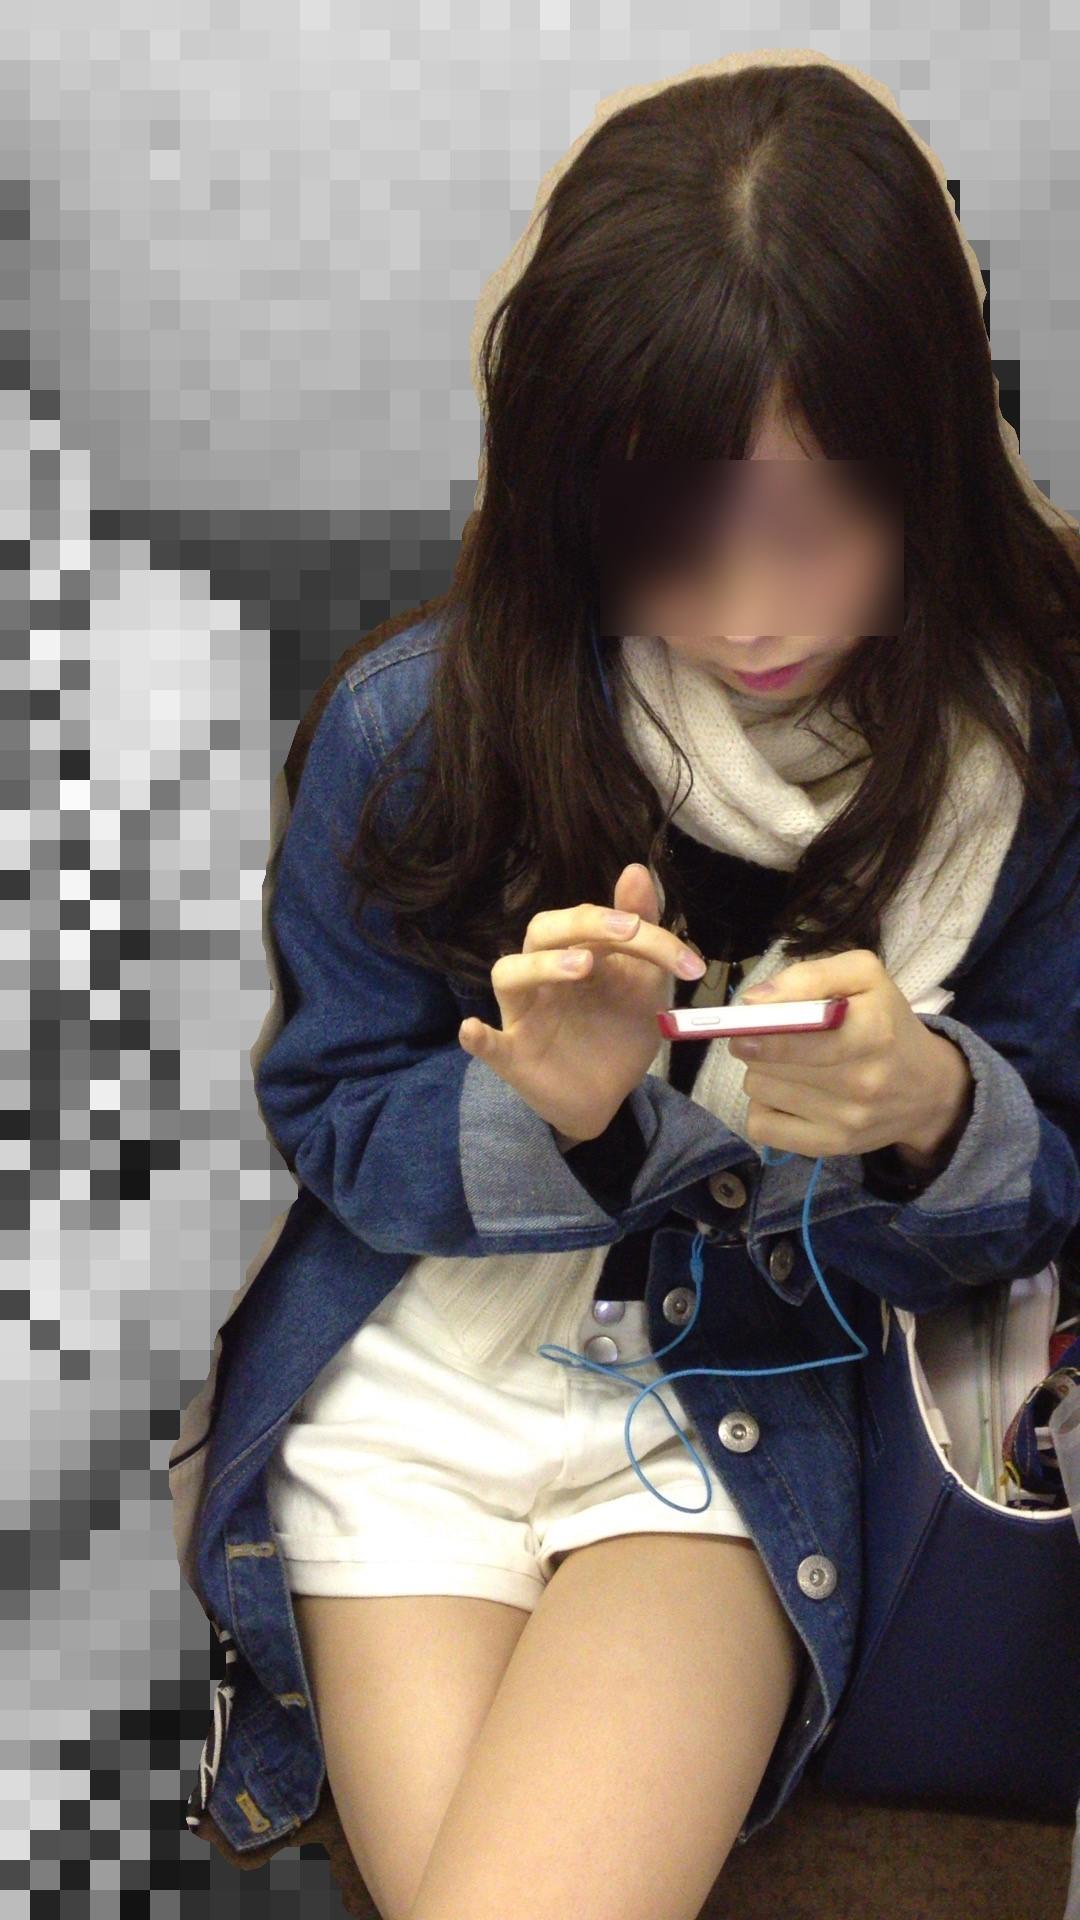 【おっぱい】電車で座れたと思って気を抜いた女の子は胸元がガラ空きという噂www【30枚】 04